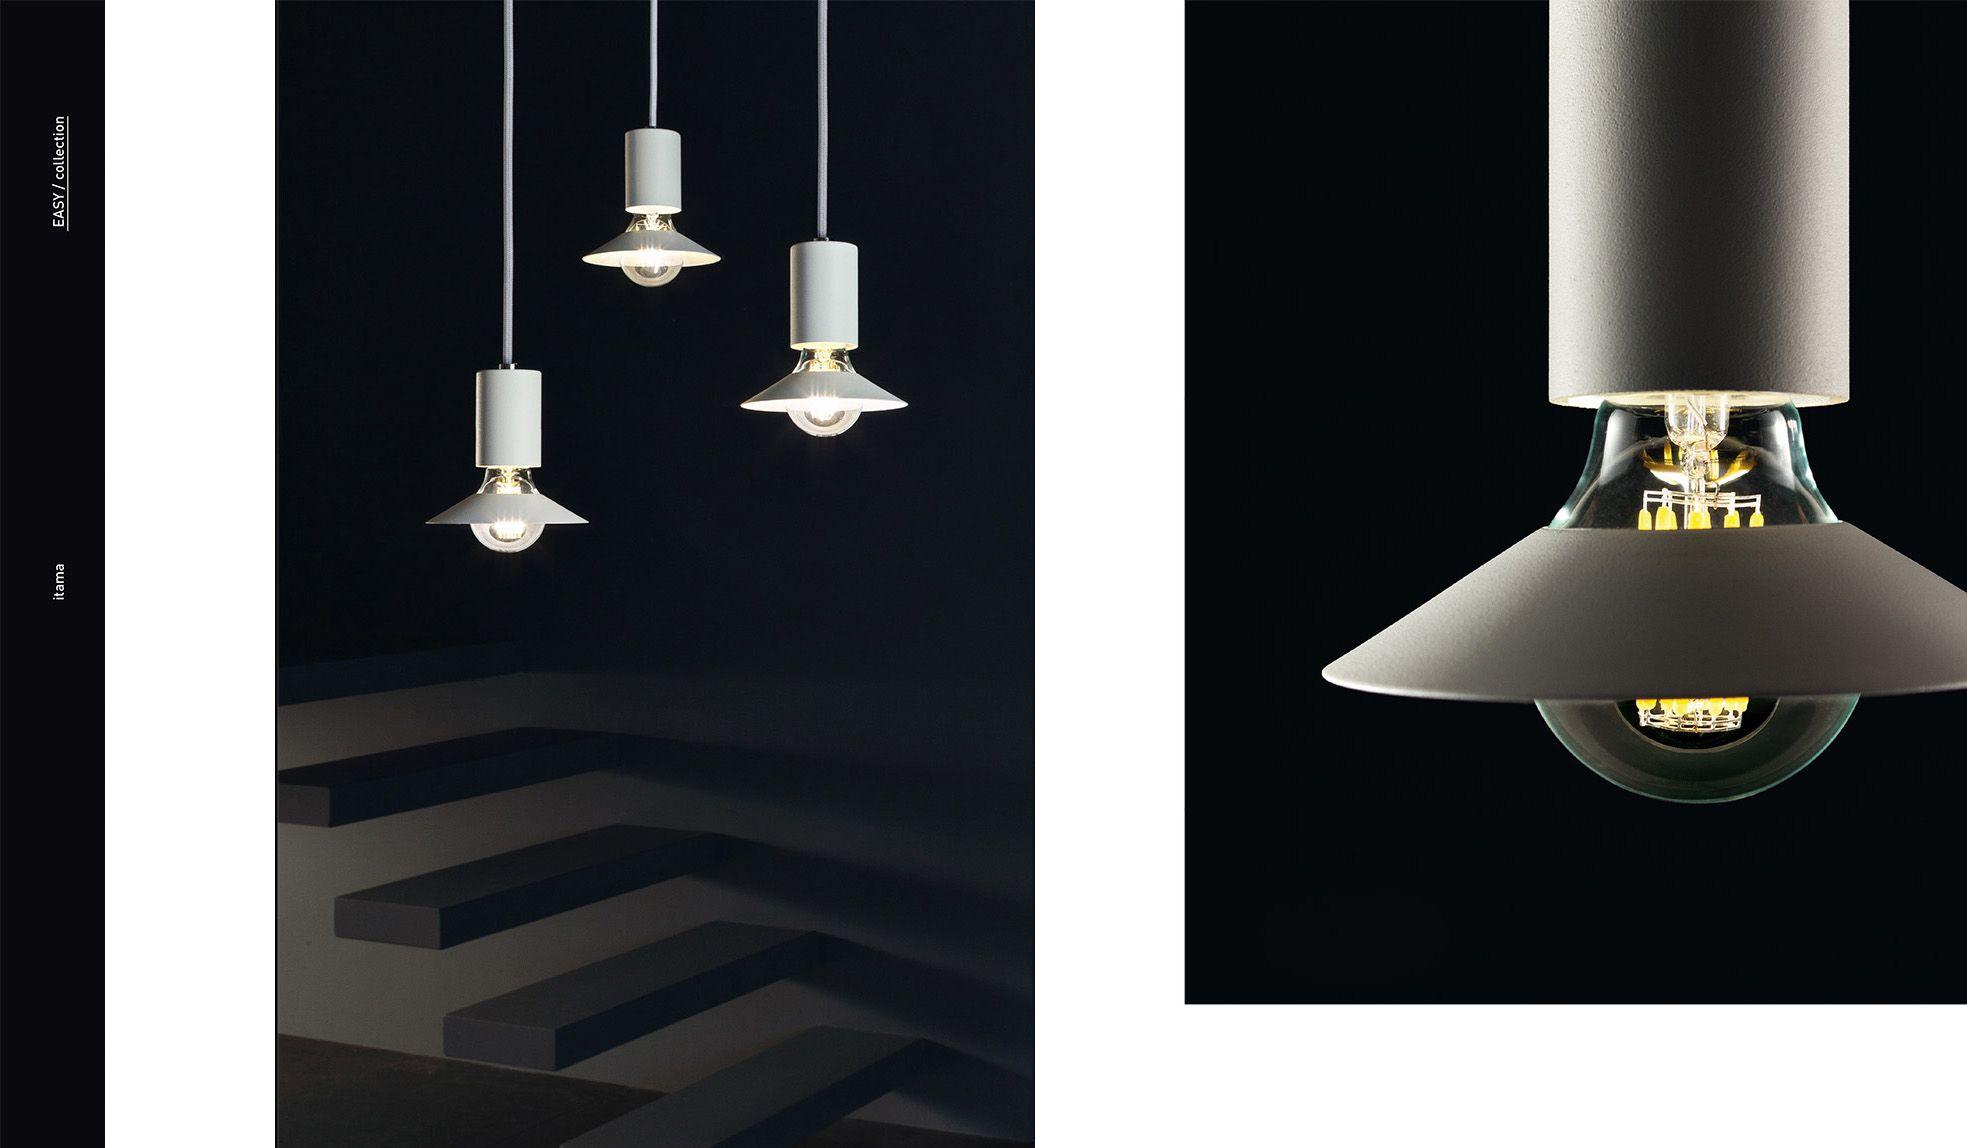 Itama luce illuminazione design e innovazione brand di